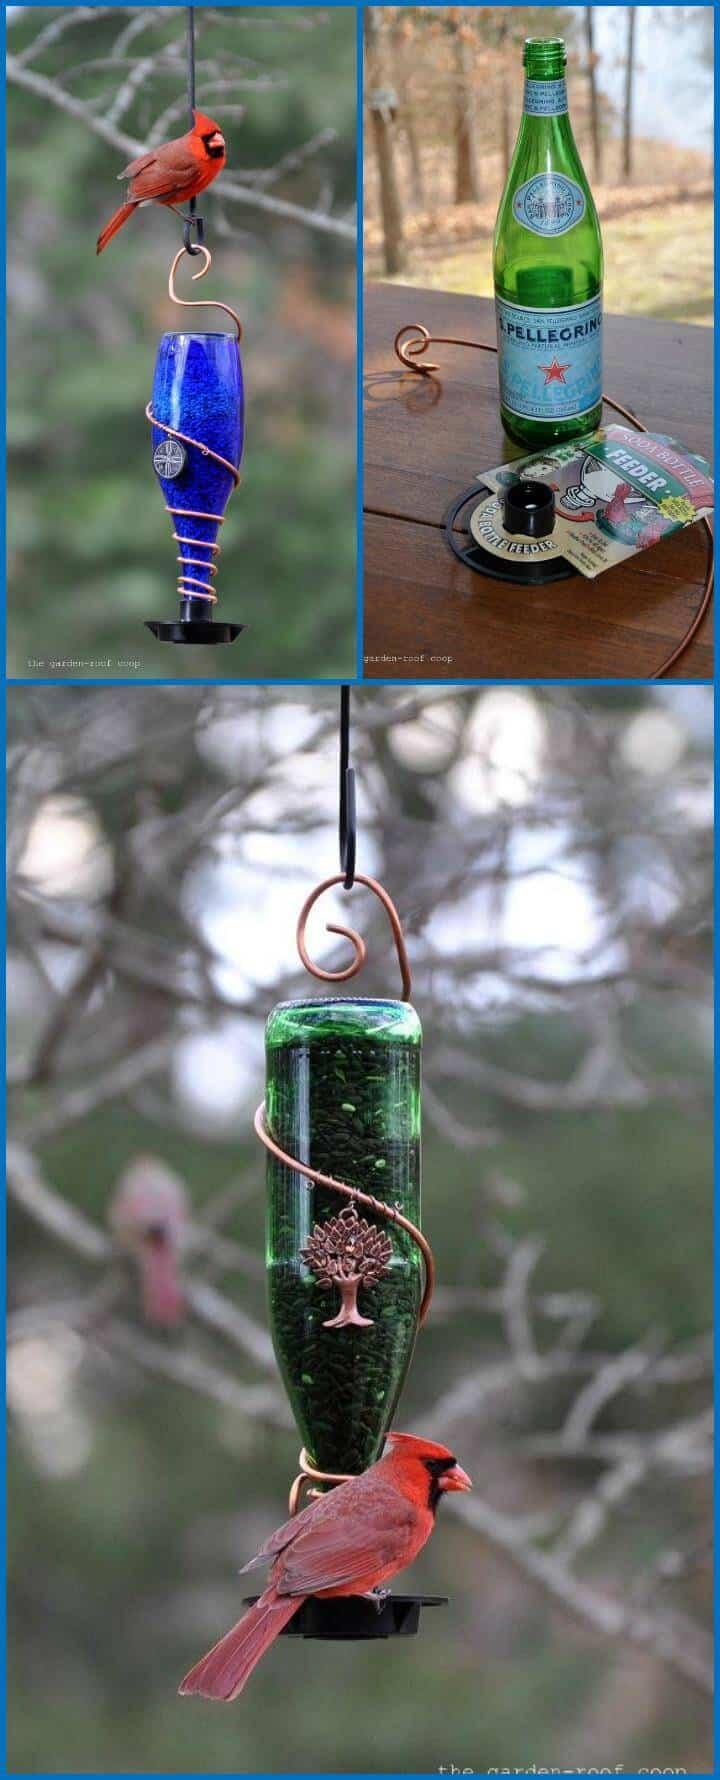 comedero para pájaros de botella de vidrio envuelto en alambre de metal